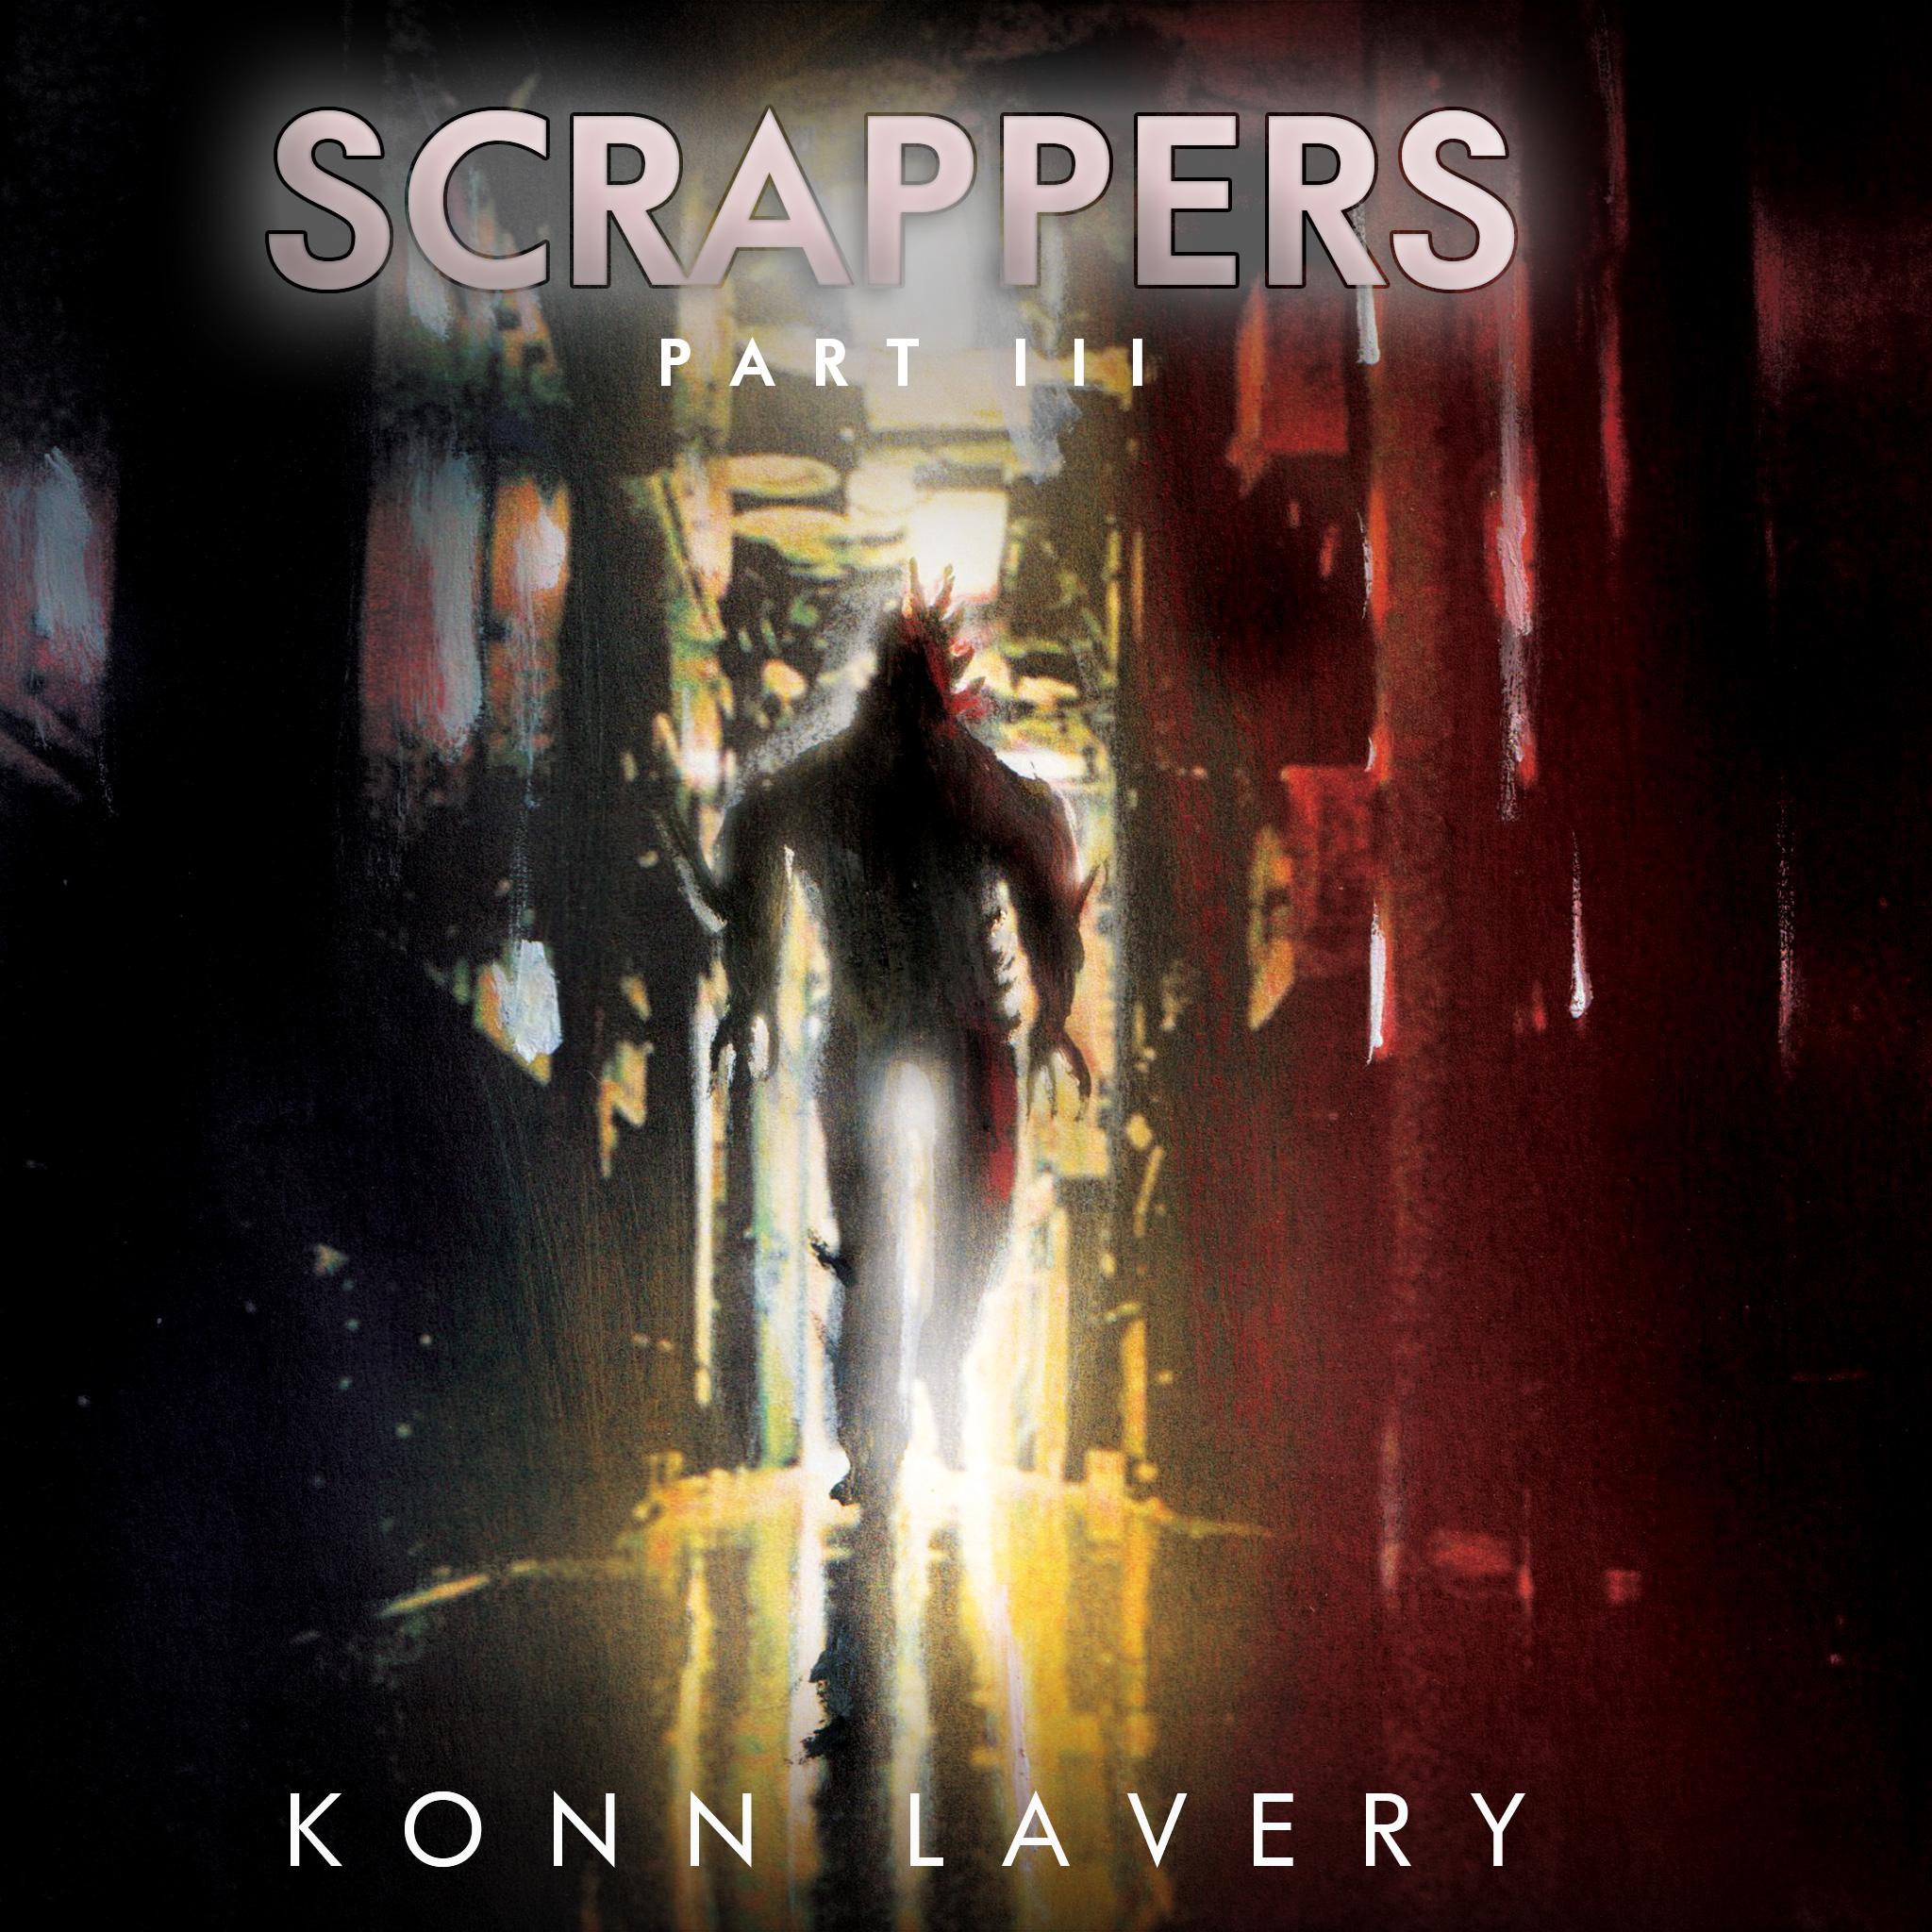 Scrappers Part III